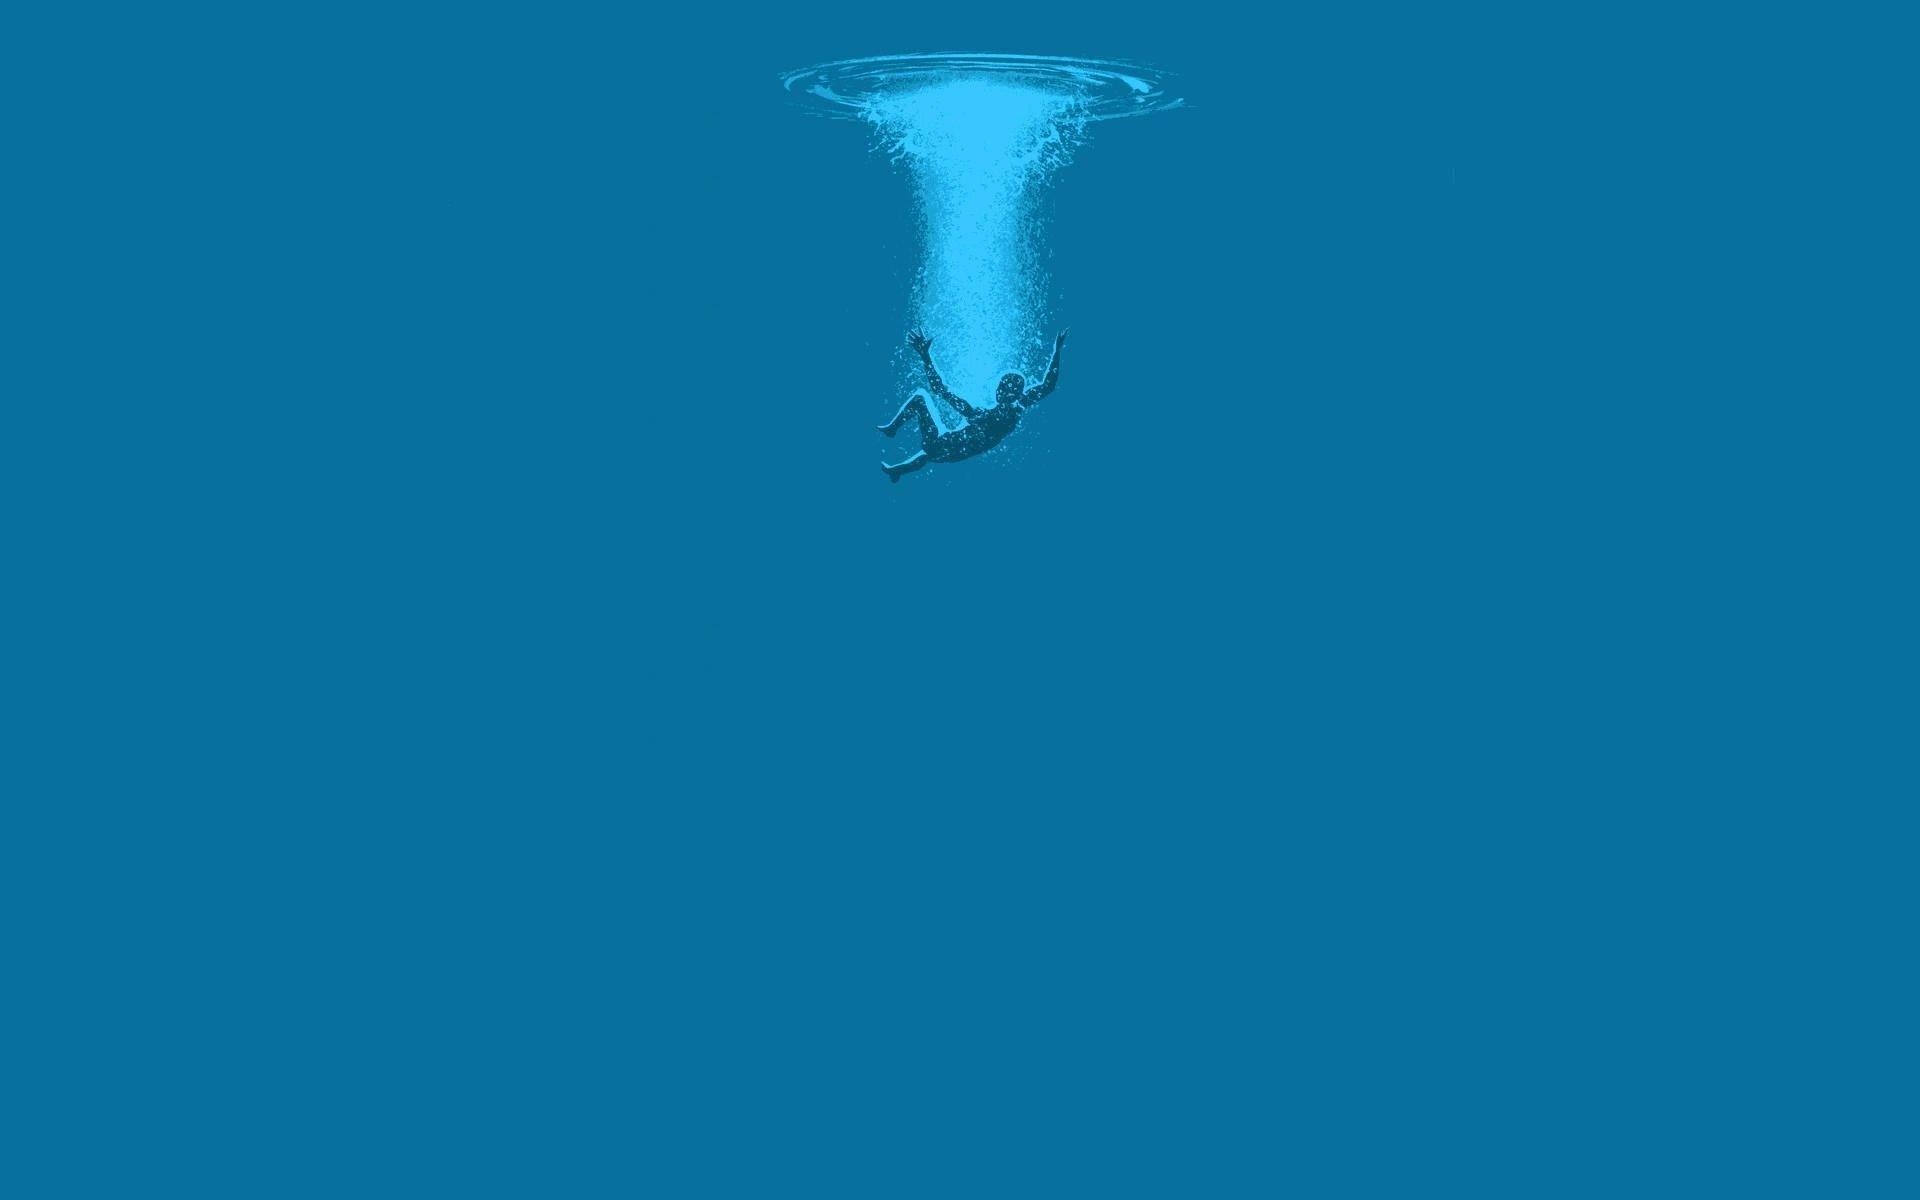 1280x800 Fall Hd Wallpaper Falling Into The Water Minimalistic Hd Wallpaper 1920x1200